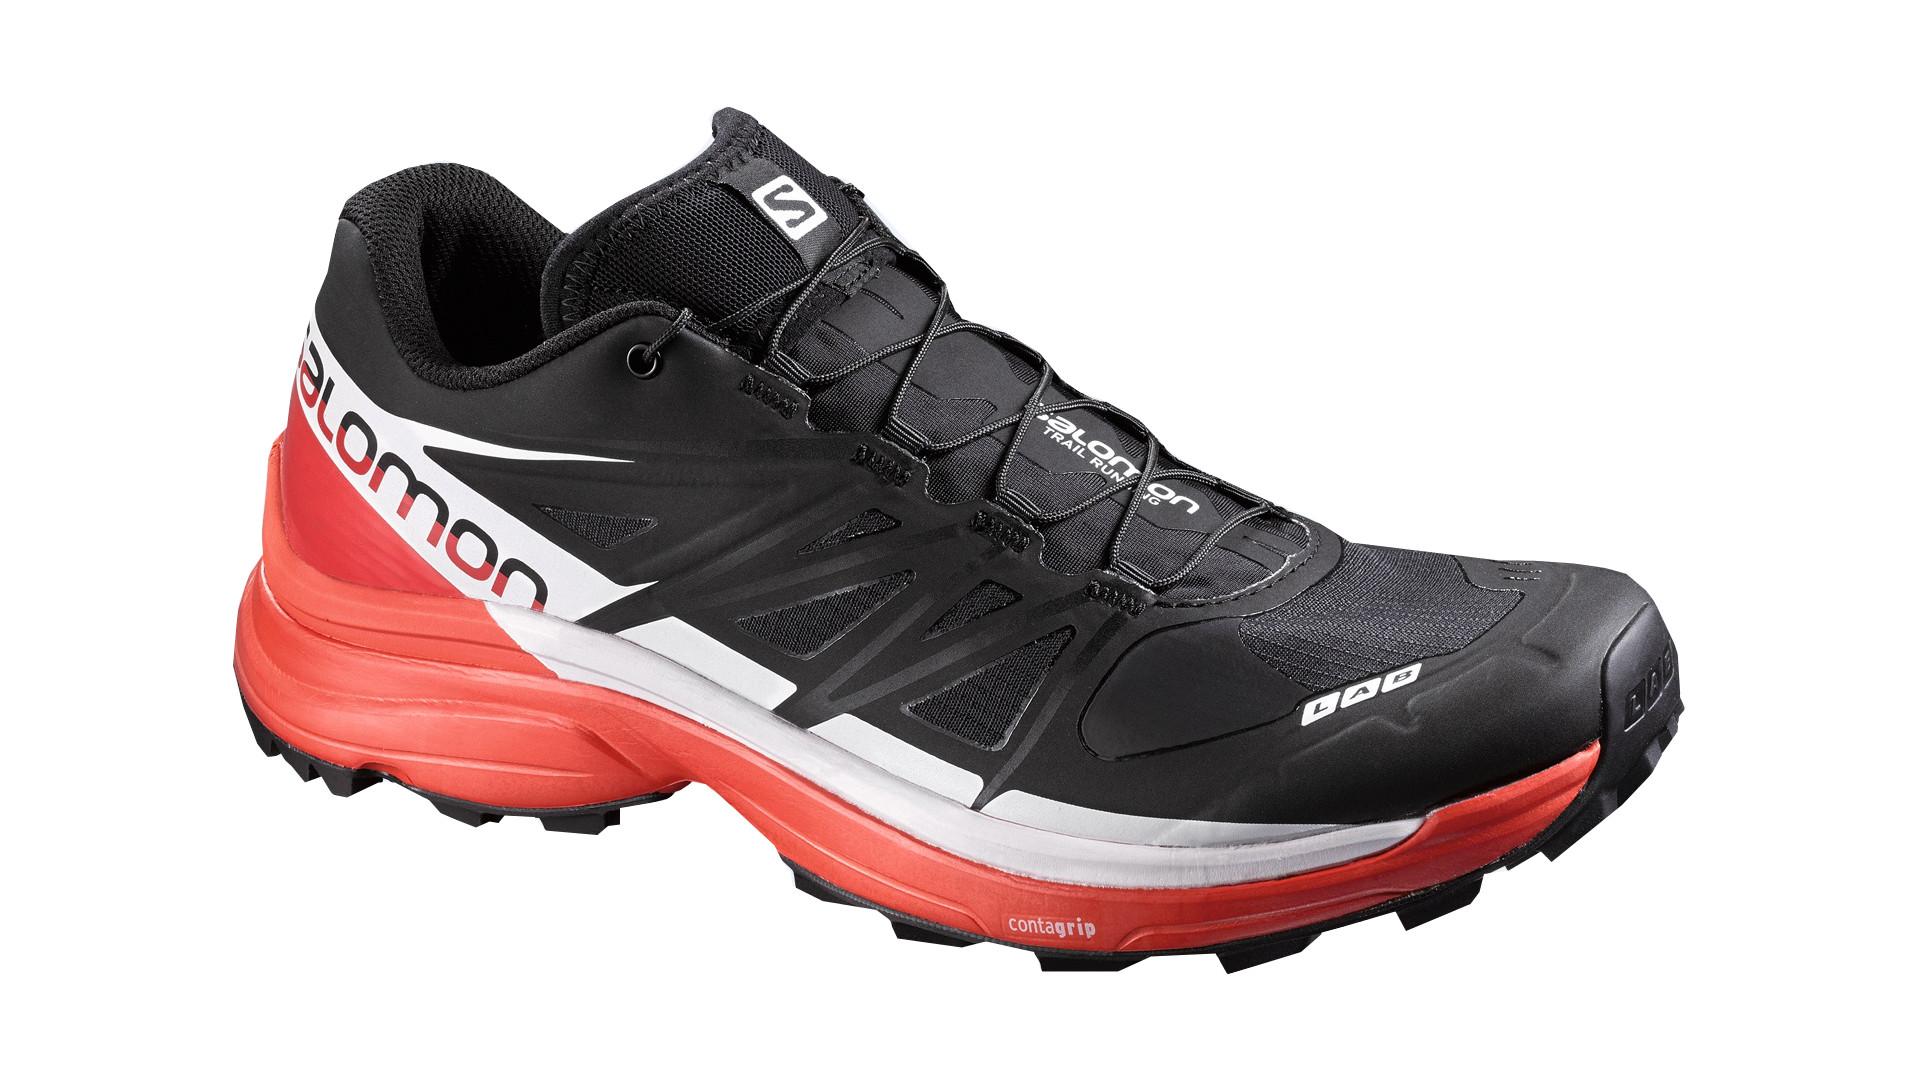 Беговые кроссовки для XC SALOMON 2016-17 SHOES S-LAB WINGS 8 SG BLACK/RD/WH Кроссовки бега 1270584  - купить со скидкой